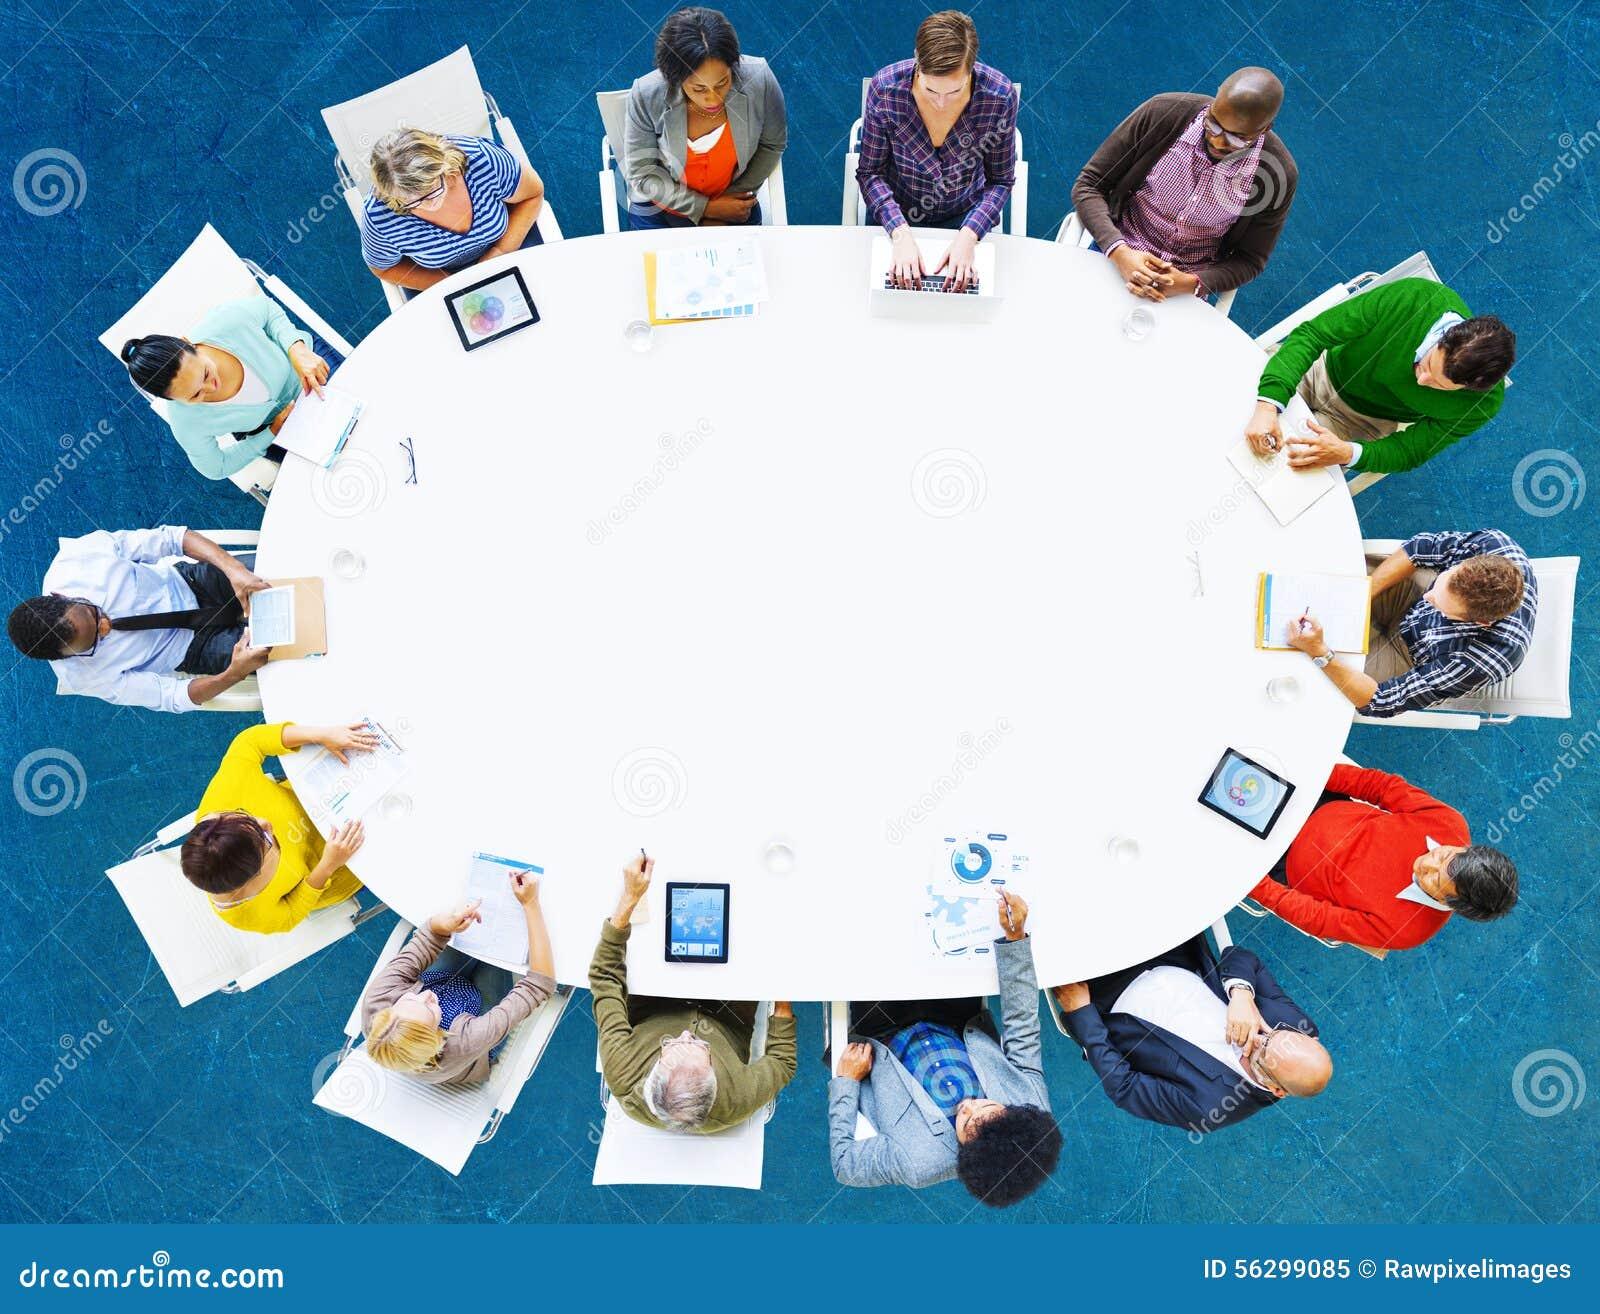 Groeps Mensen van de Commerciële het Concept Vergaderingsbrainstorming